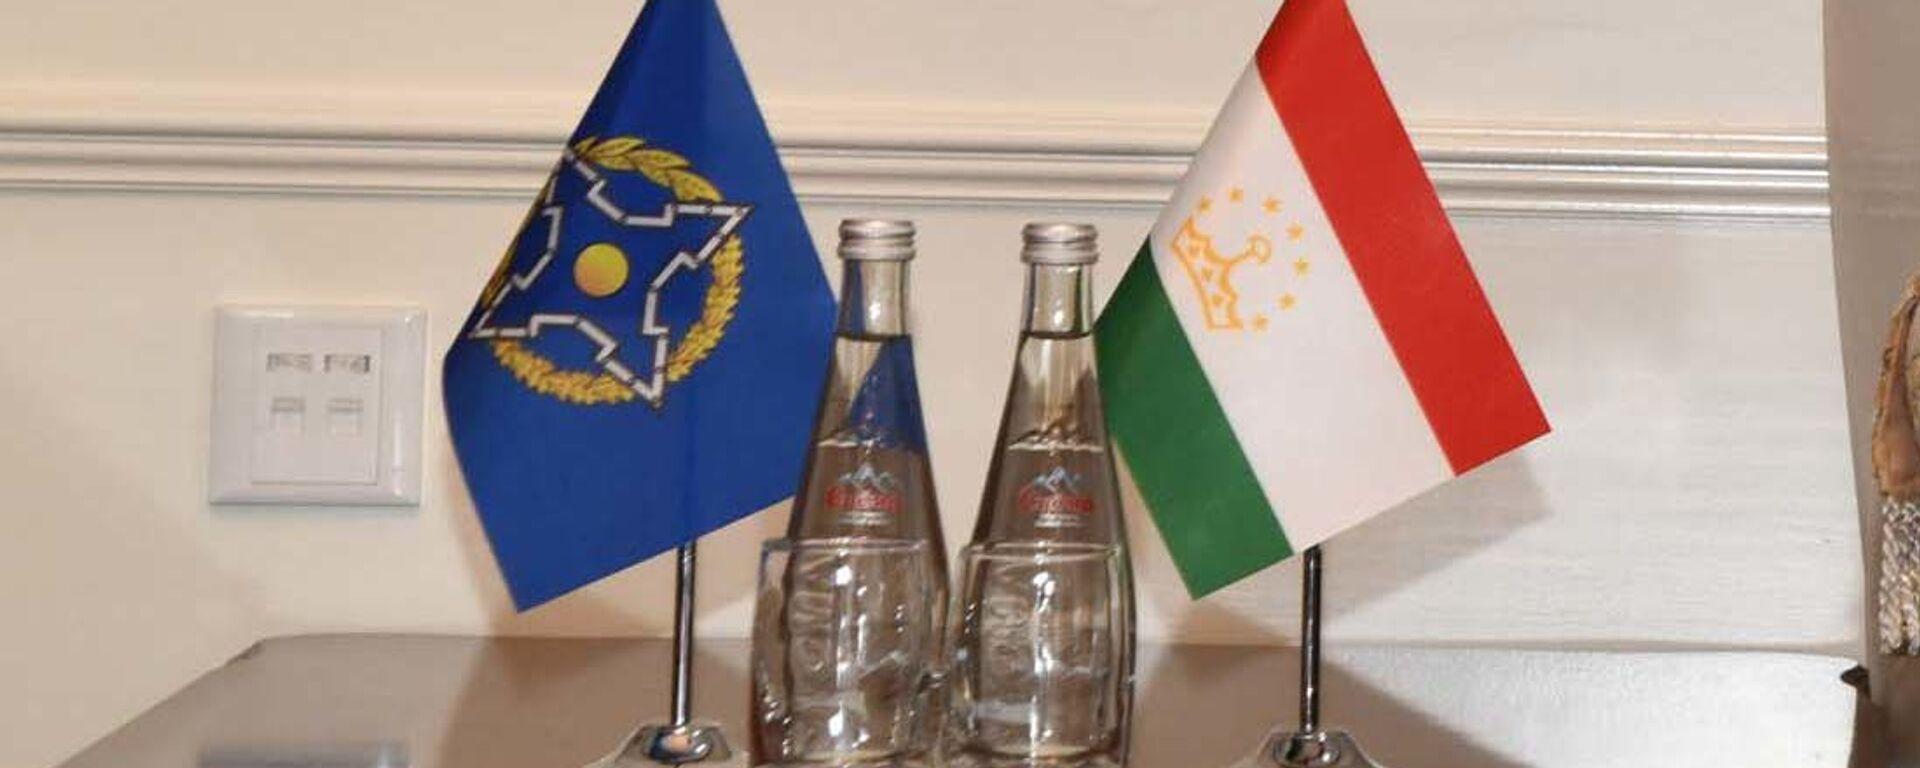 Флаг Таджикистана и ОДКБ - Sputnik Таджикистан, 1920, 08.07.2021